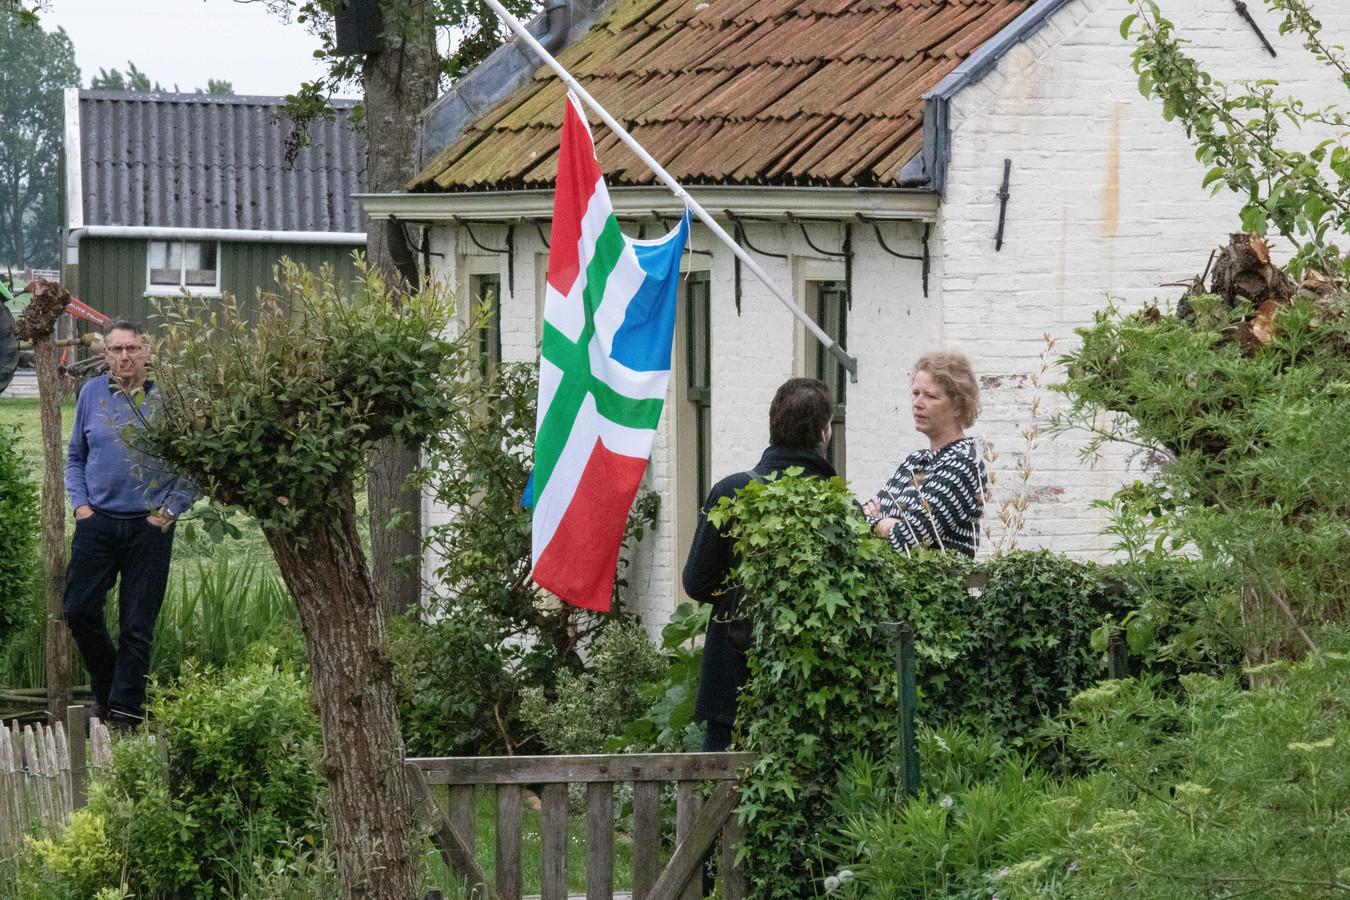 De Groningse vlag hangt halfstok in Westerwijtwerd, waar het epicentrum lag van een aardbeving met een kracht van 3.4. Het is de op twee na zwaarste beving in de provincie Groningen als gevolg van de gaswinning.